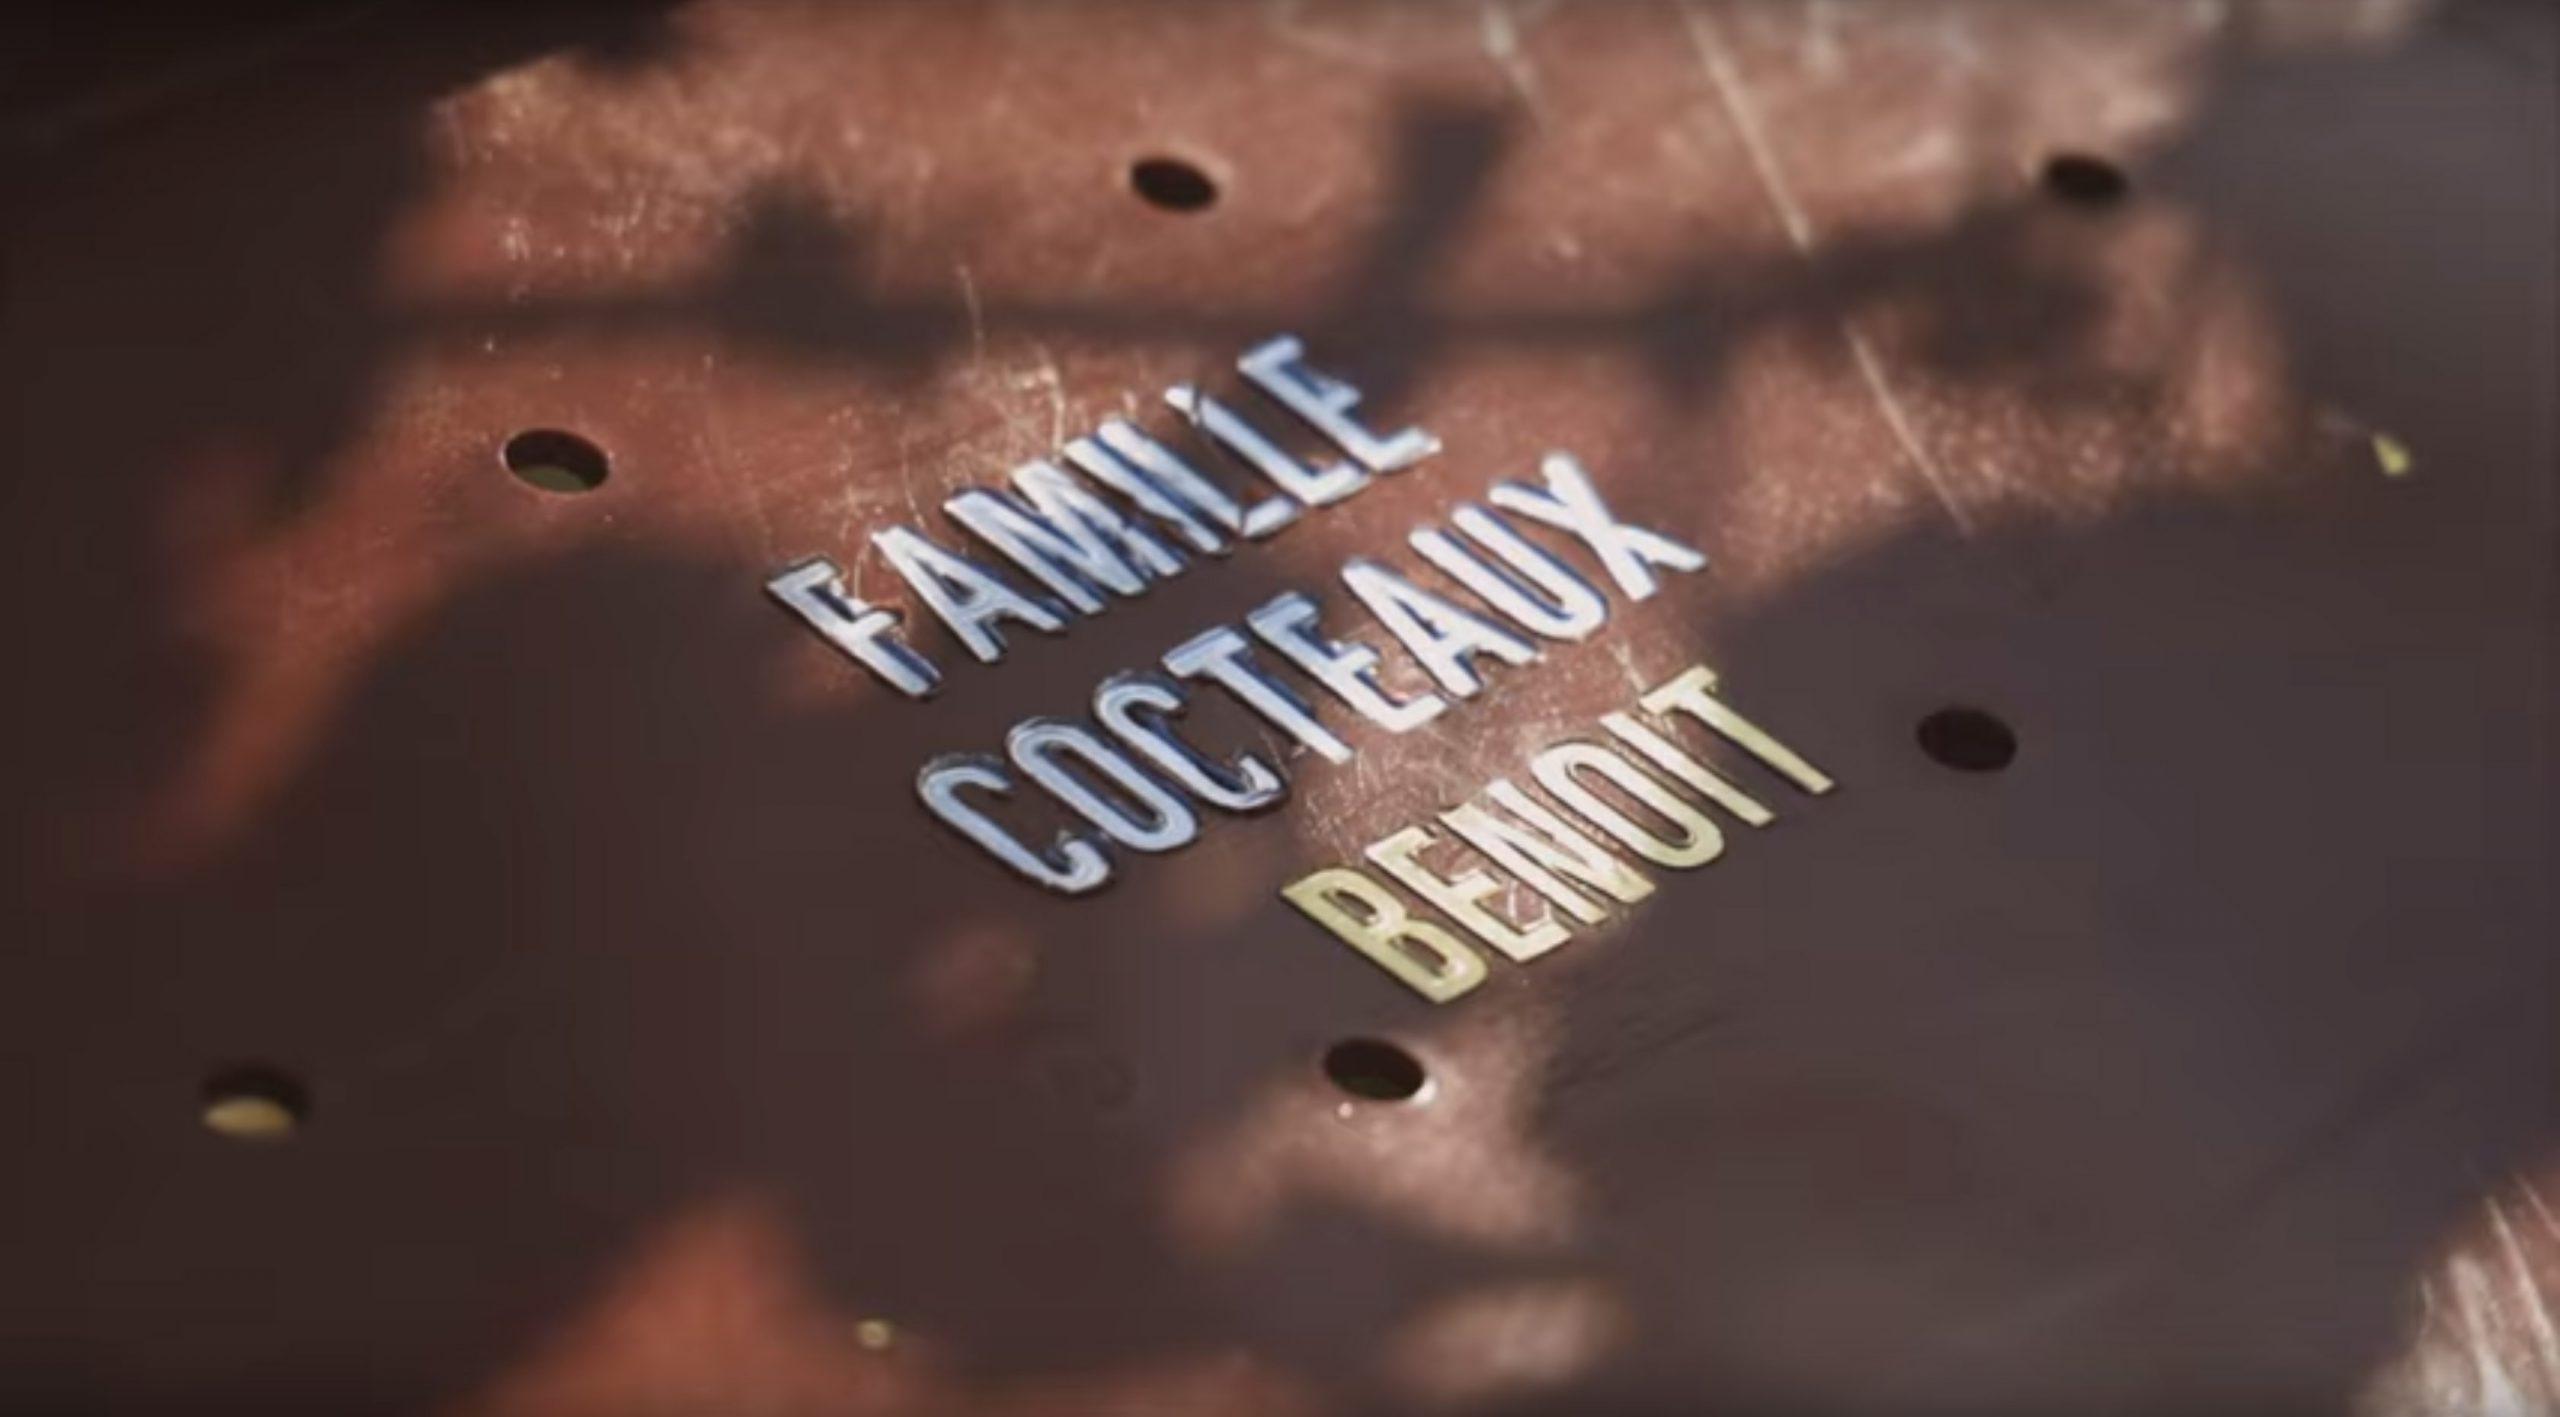 Famille la révélation - Agence Discovery